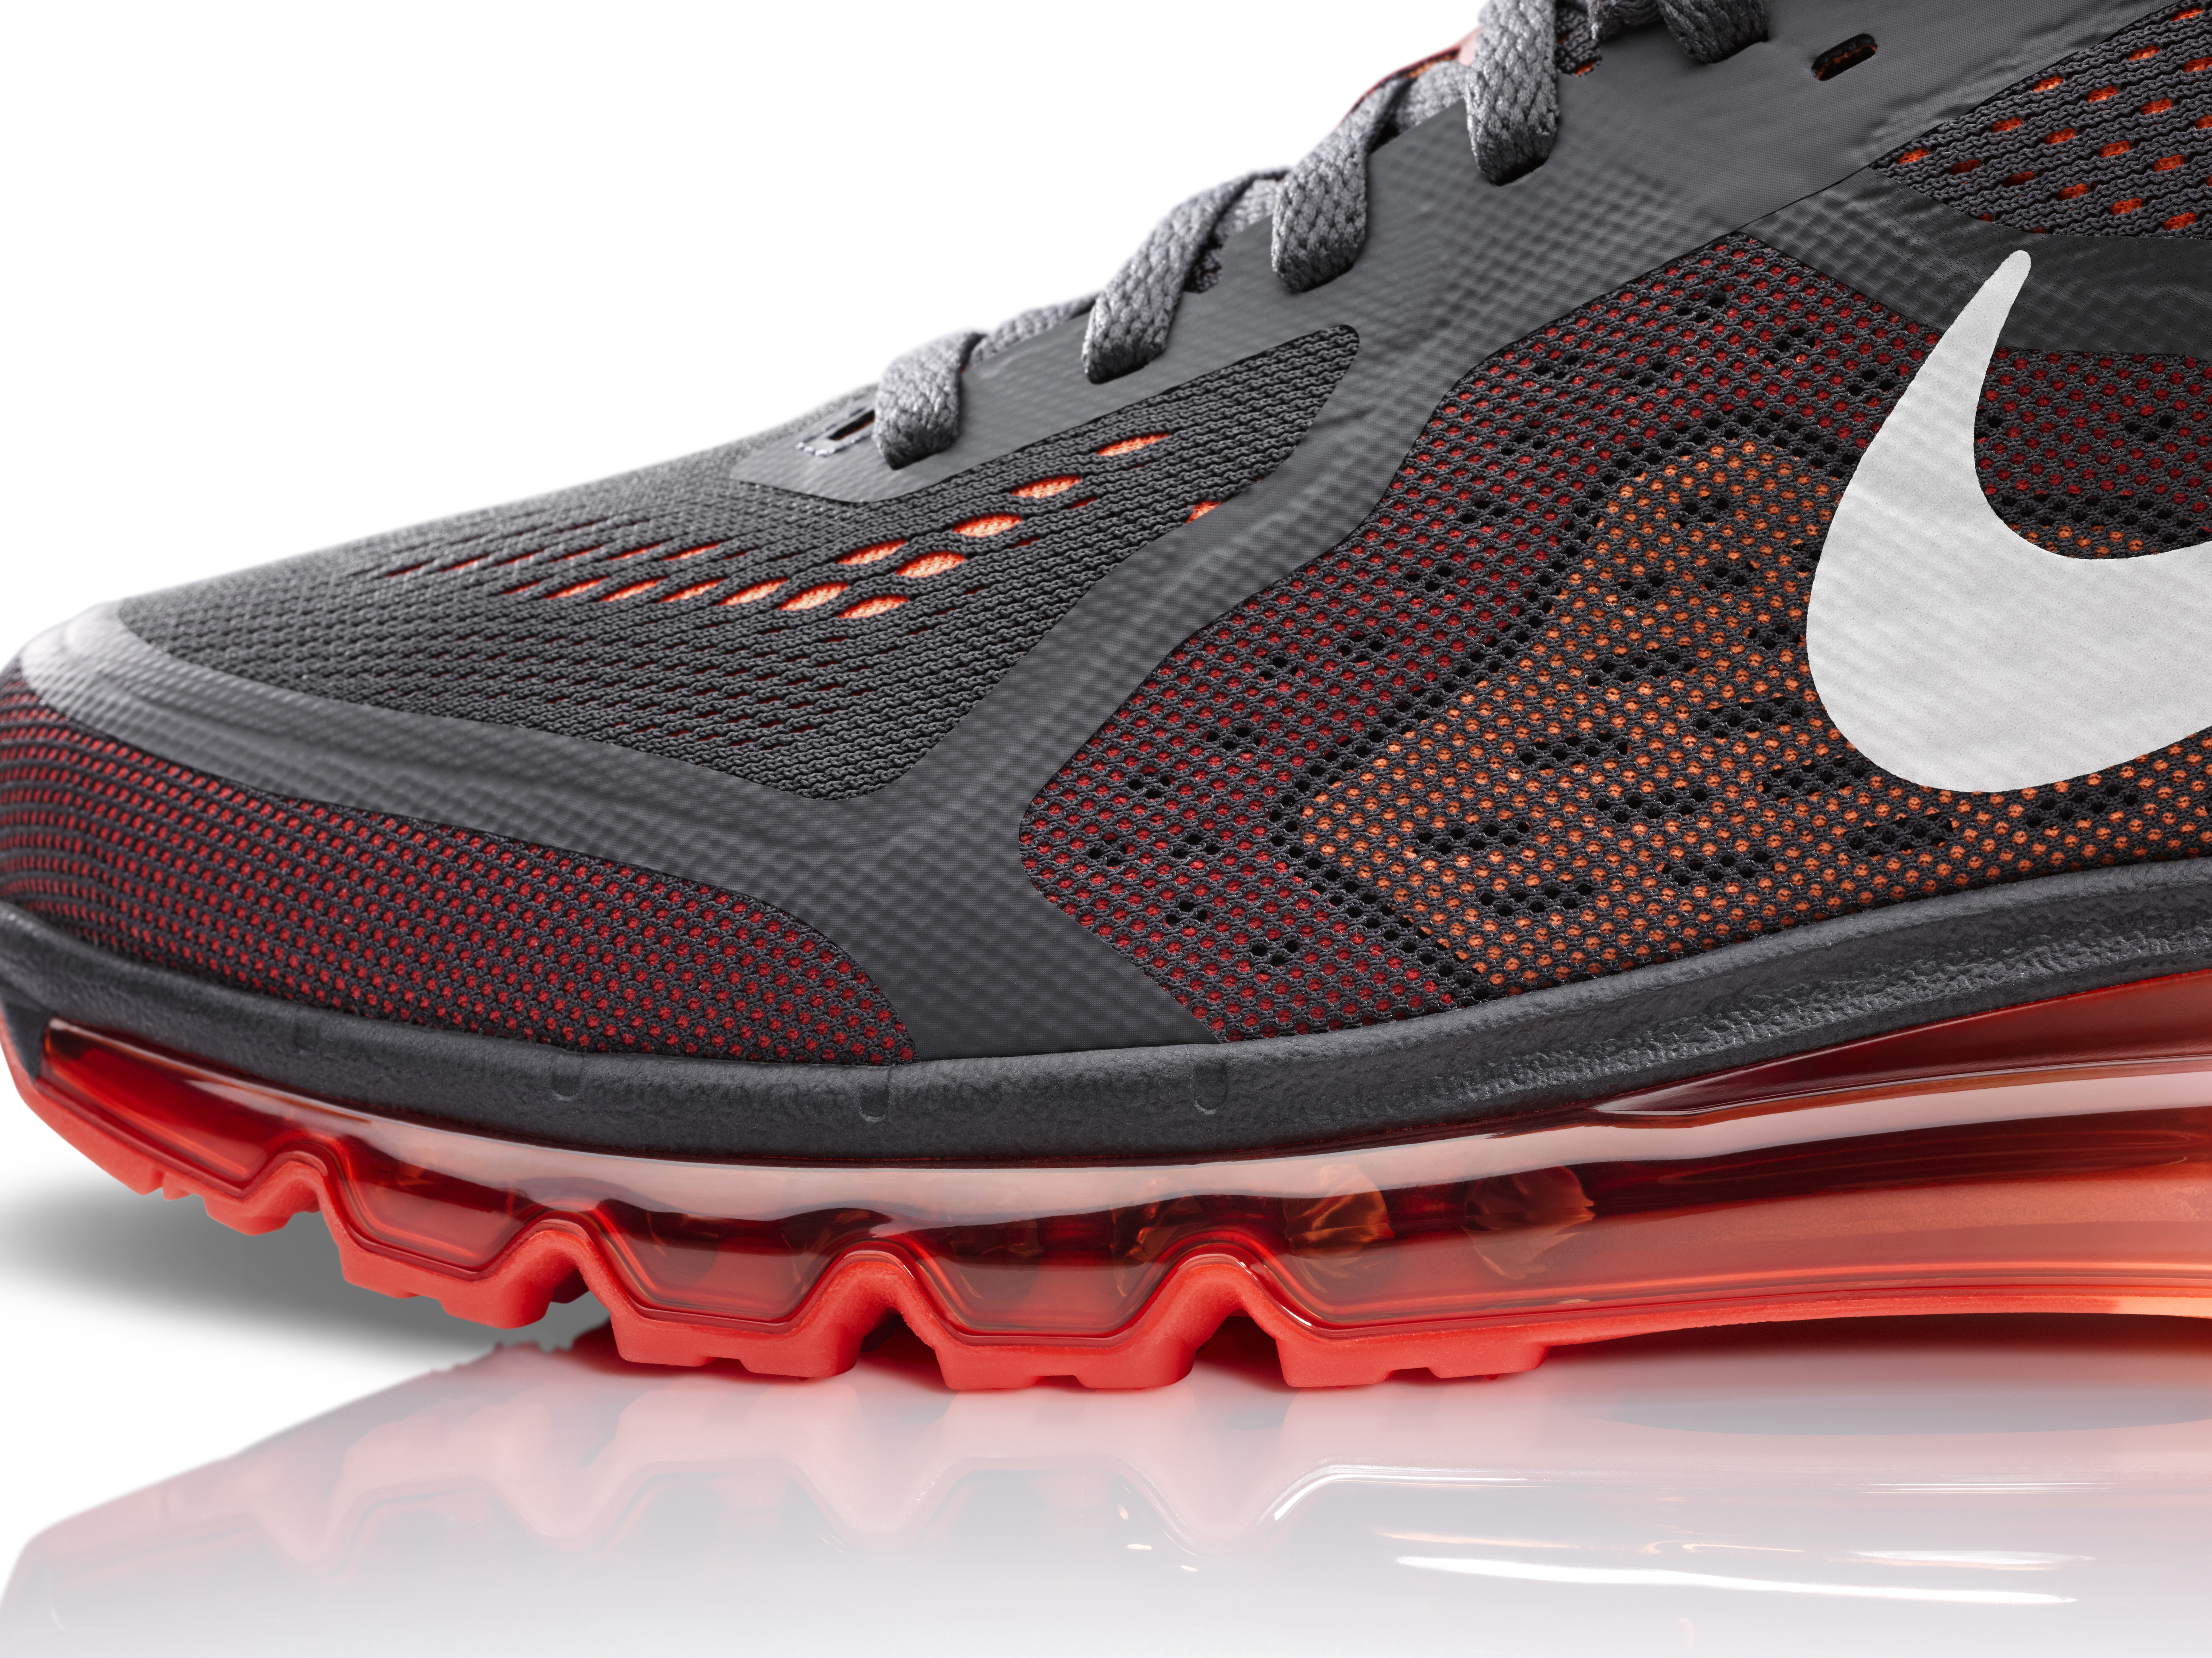 nike air max qs conquérir - Nike News - Nike Unveils Nike Flyknit Air Max and Air Max 2014